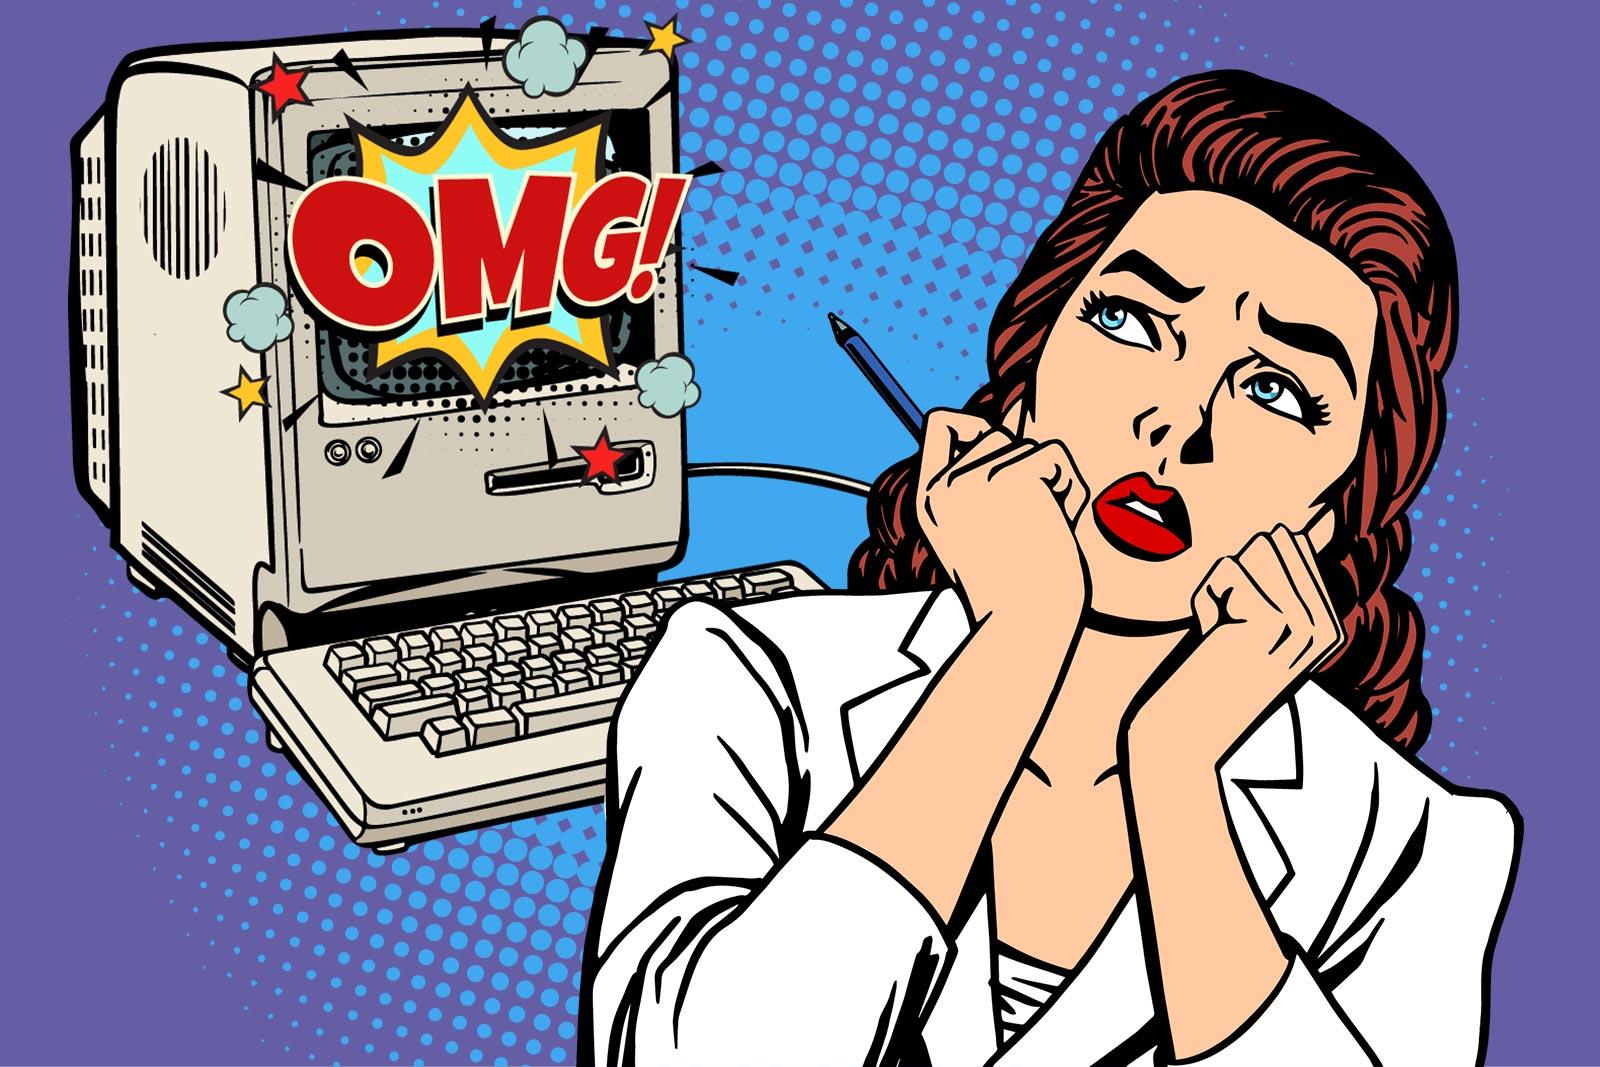 やってはいけない!オンラインプレゼンテーションでよくある5つの間違いとは?